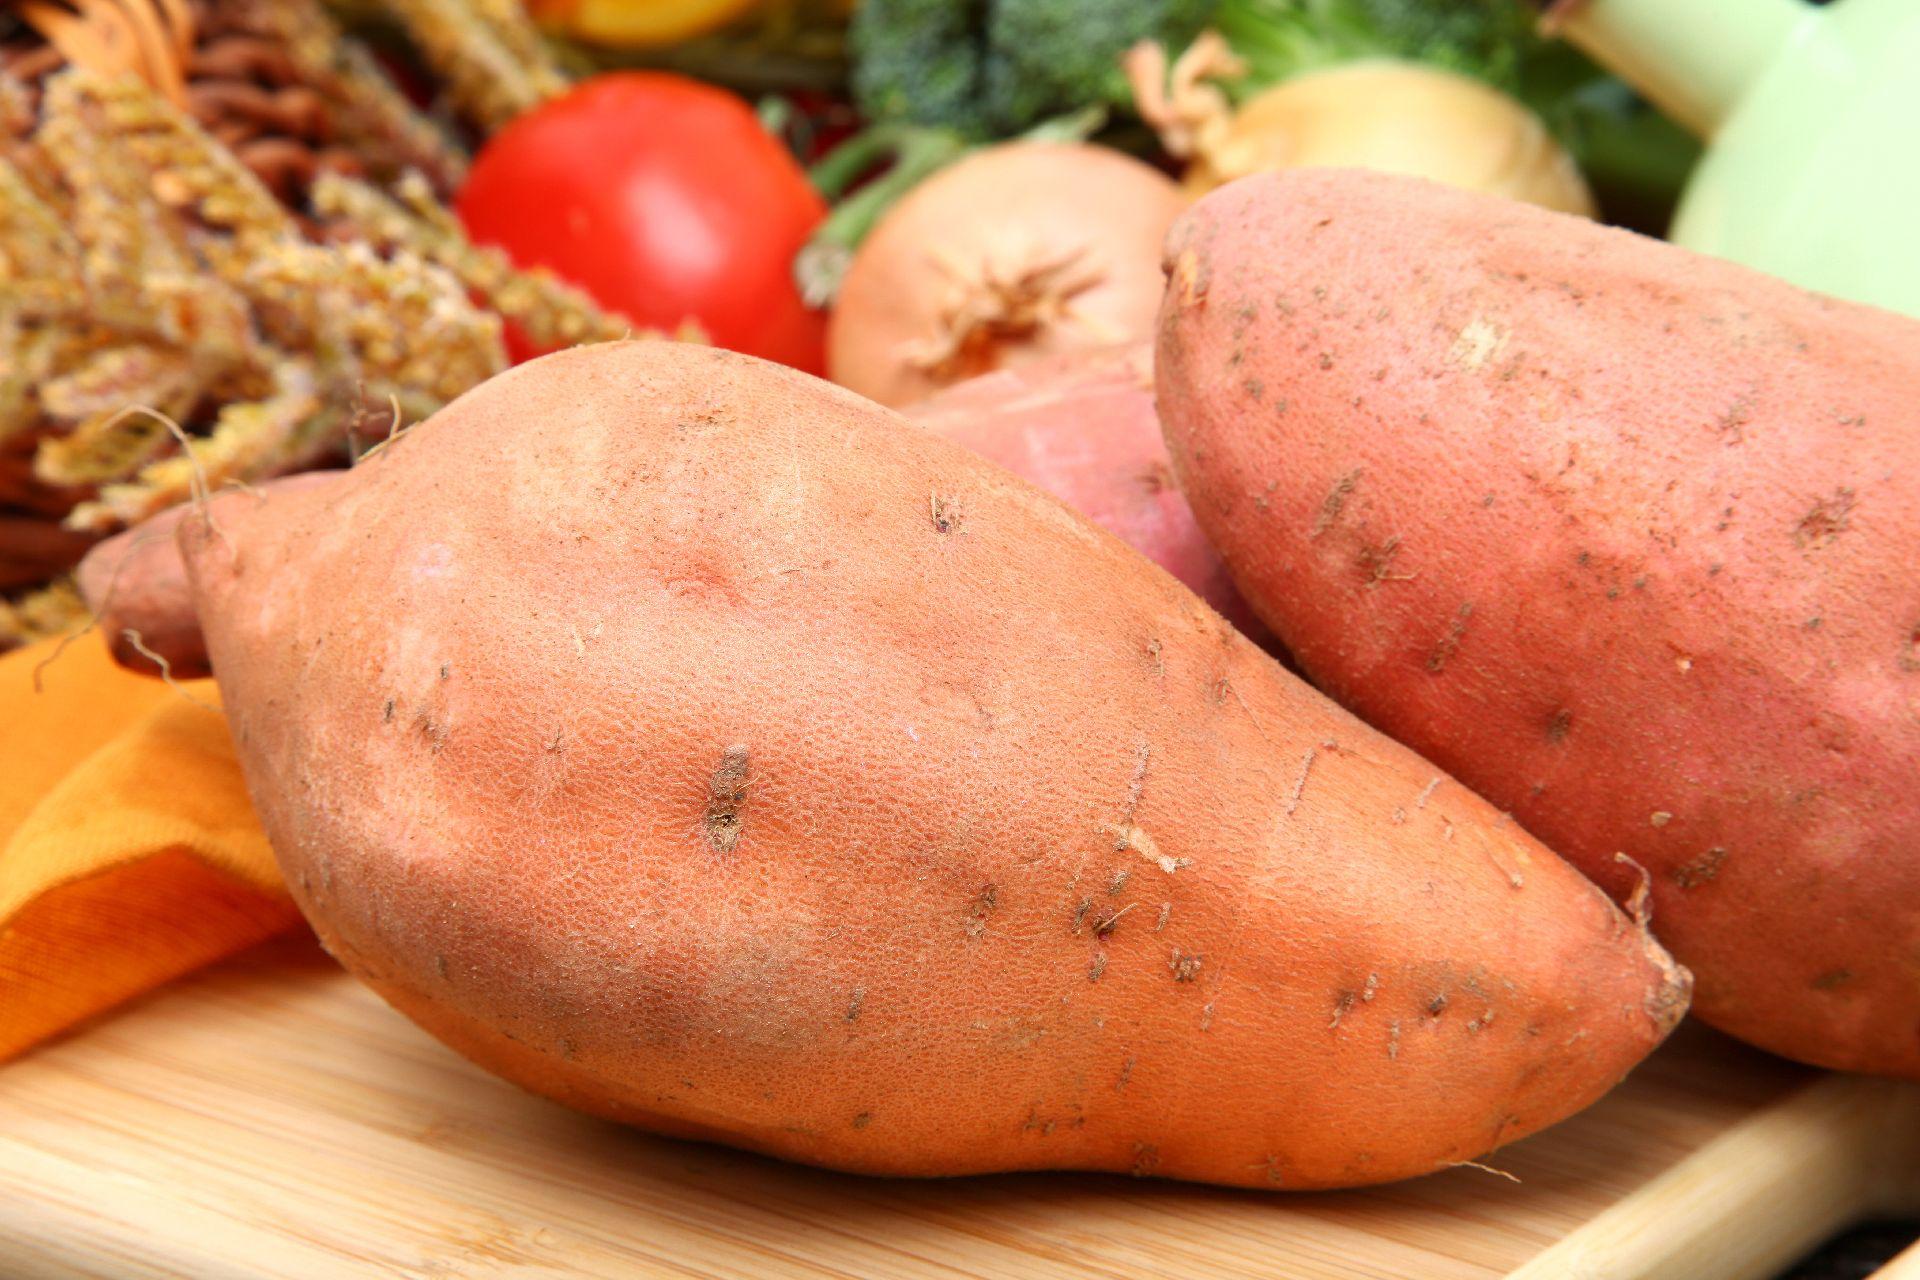 Batata doce: carboidrato rico em fibras, proteína, ferro, magnésio e potássio.  (Foto: Bigstock)